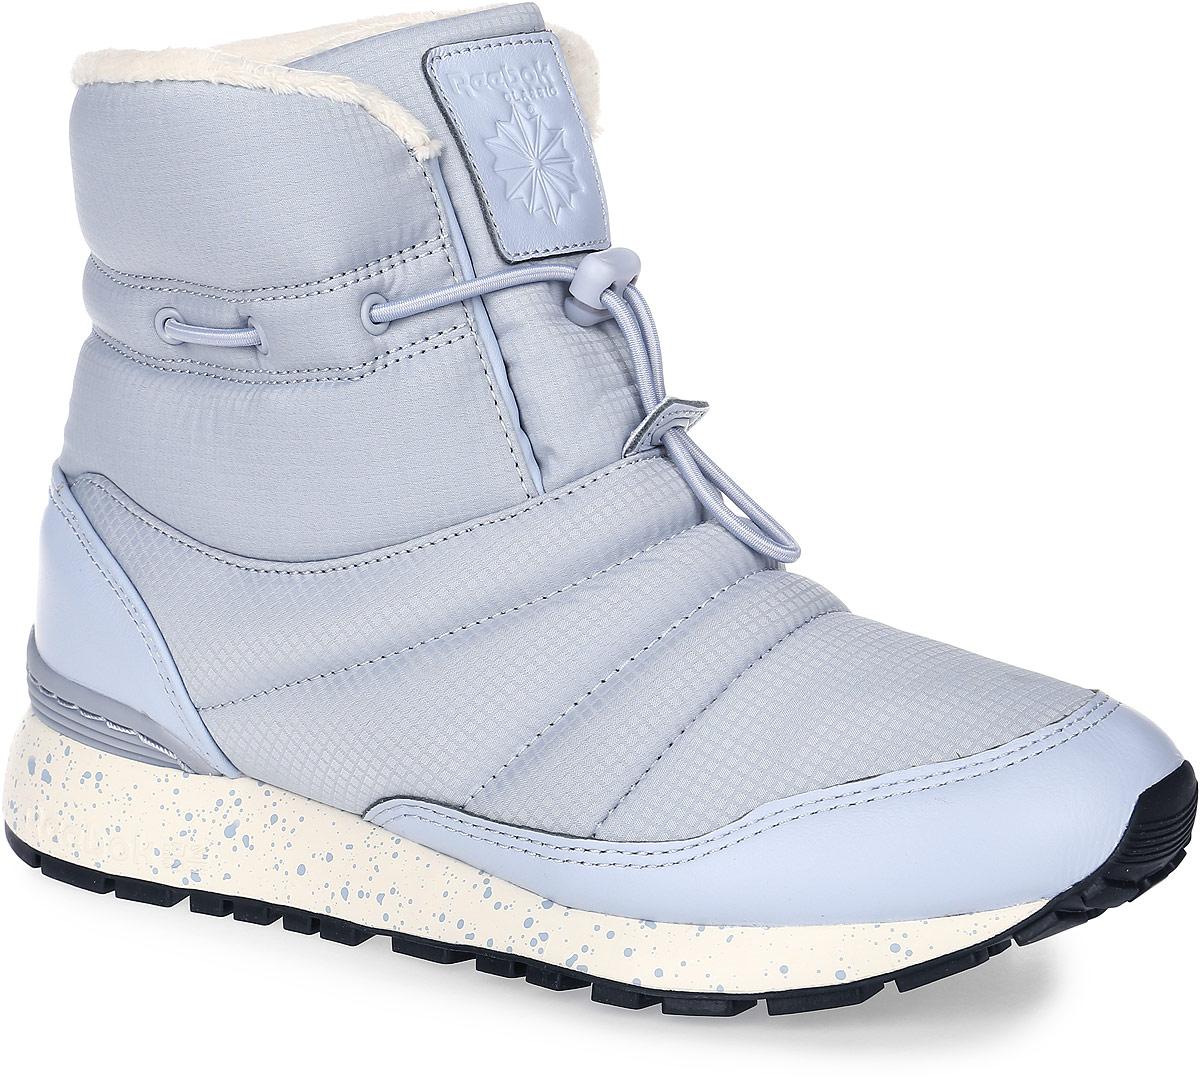 Полусапоги женские Reebok GL Puff Boot, цвет: серый. AR2647. Размер 7 (37,5)AR2647Снег и слякоть - не повод отказываться от прогулок. Полусапоги GL Puff Boot от Reebok - как раз то, что нужно для такой погоды. Оригинальная застежка в виде регулируемого шнурка, высокий дизайн и подкладка гарантируют тепло.Модель выполнена из ткани с влагоотталкивающим покрытием и кожаными вставками в области пятки и мыска. Подкладка Thinsulate и искусственный мех обеспечивают мягкость и тепло. Легкая литая промежуточная подошва из ЭВА обеспечивает оптимальную амортизацию. Стойкая к истиранию, прочная резиновая подошва гарантирует отличное сцепление с поверхностью.